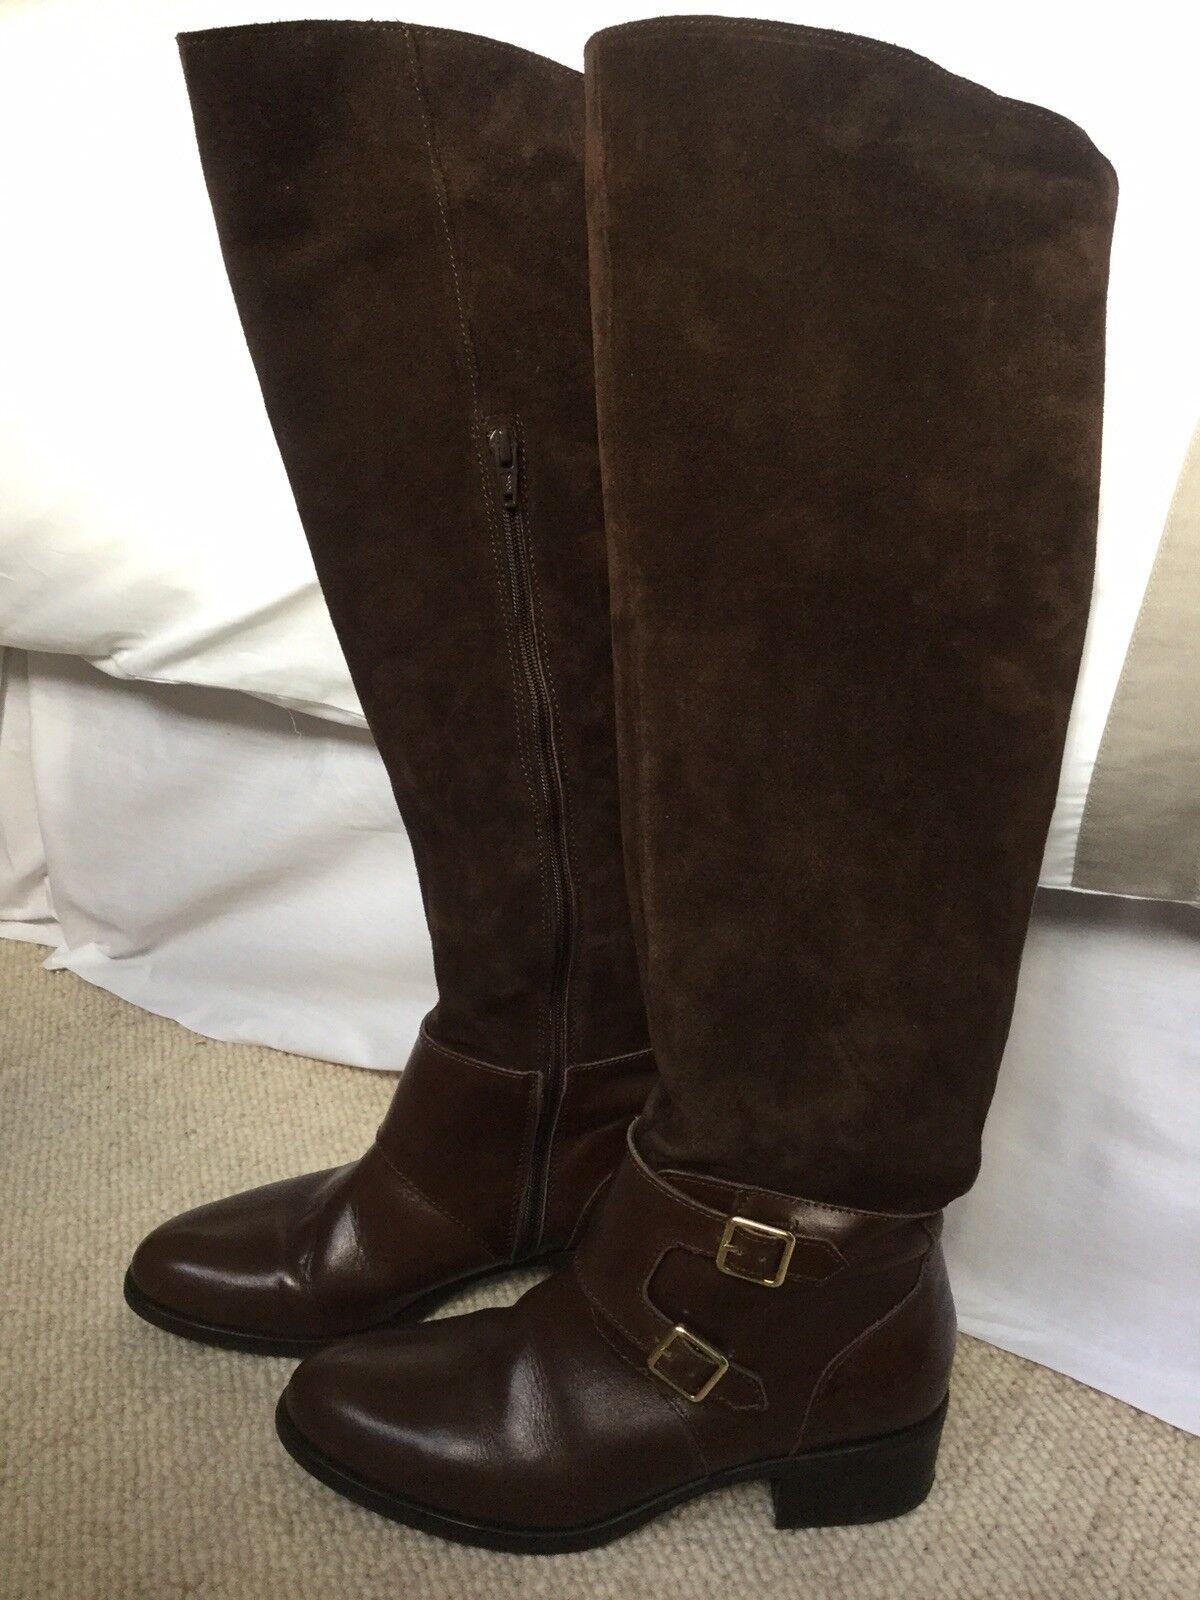 Cuero y botas de gamuza largo hasta la rodilla oscuro marrón Talla 4 37